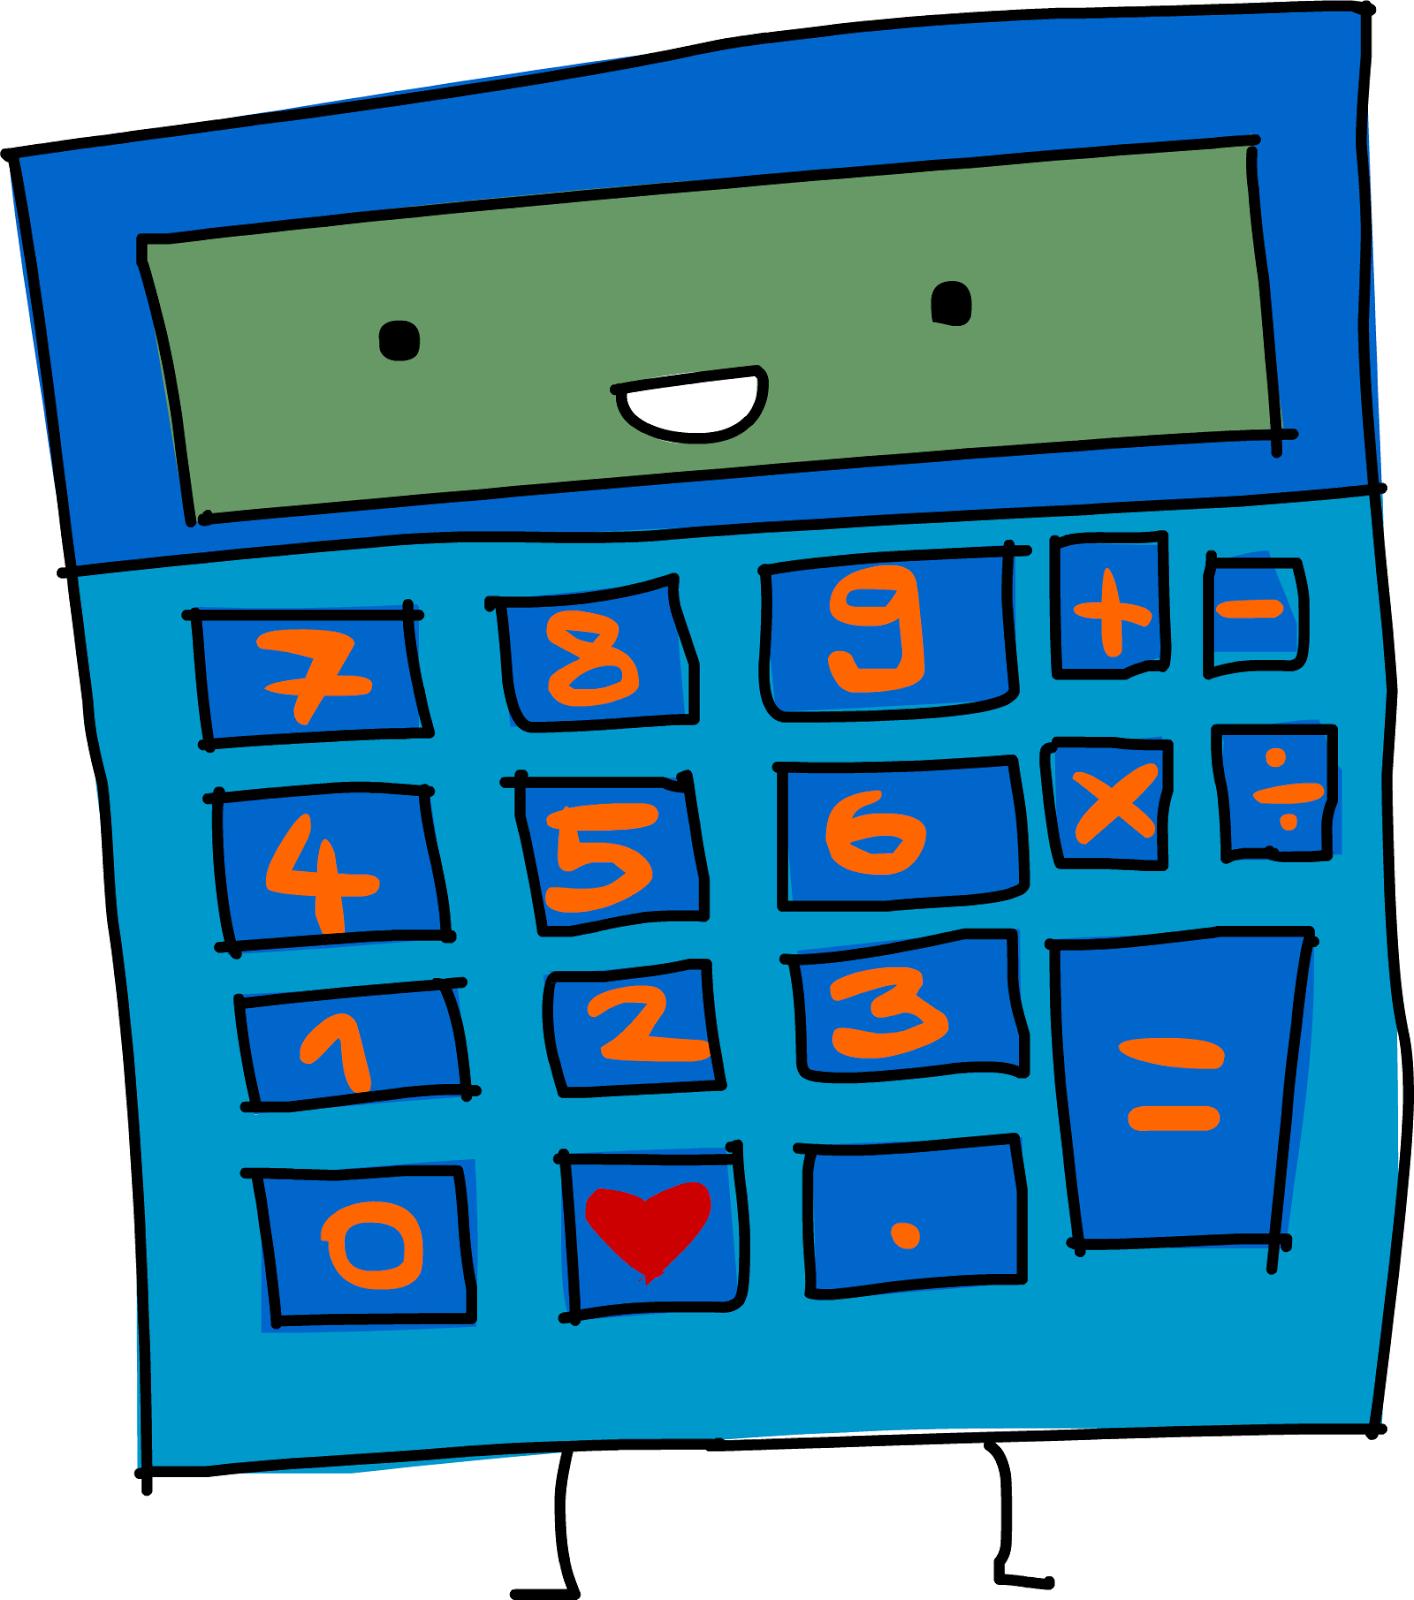 اسهل طريقة لحل وحساب المعادلات الحسابية الصعبة والمعقدة جدا بدون اى مجهود من خلال الانترنت